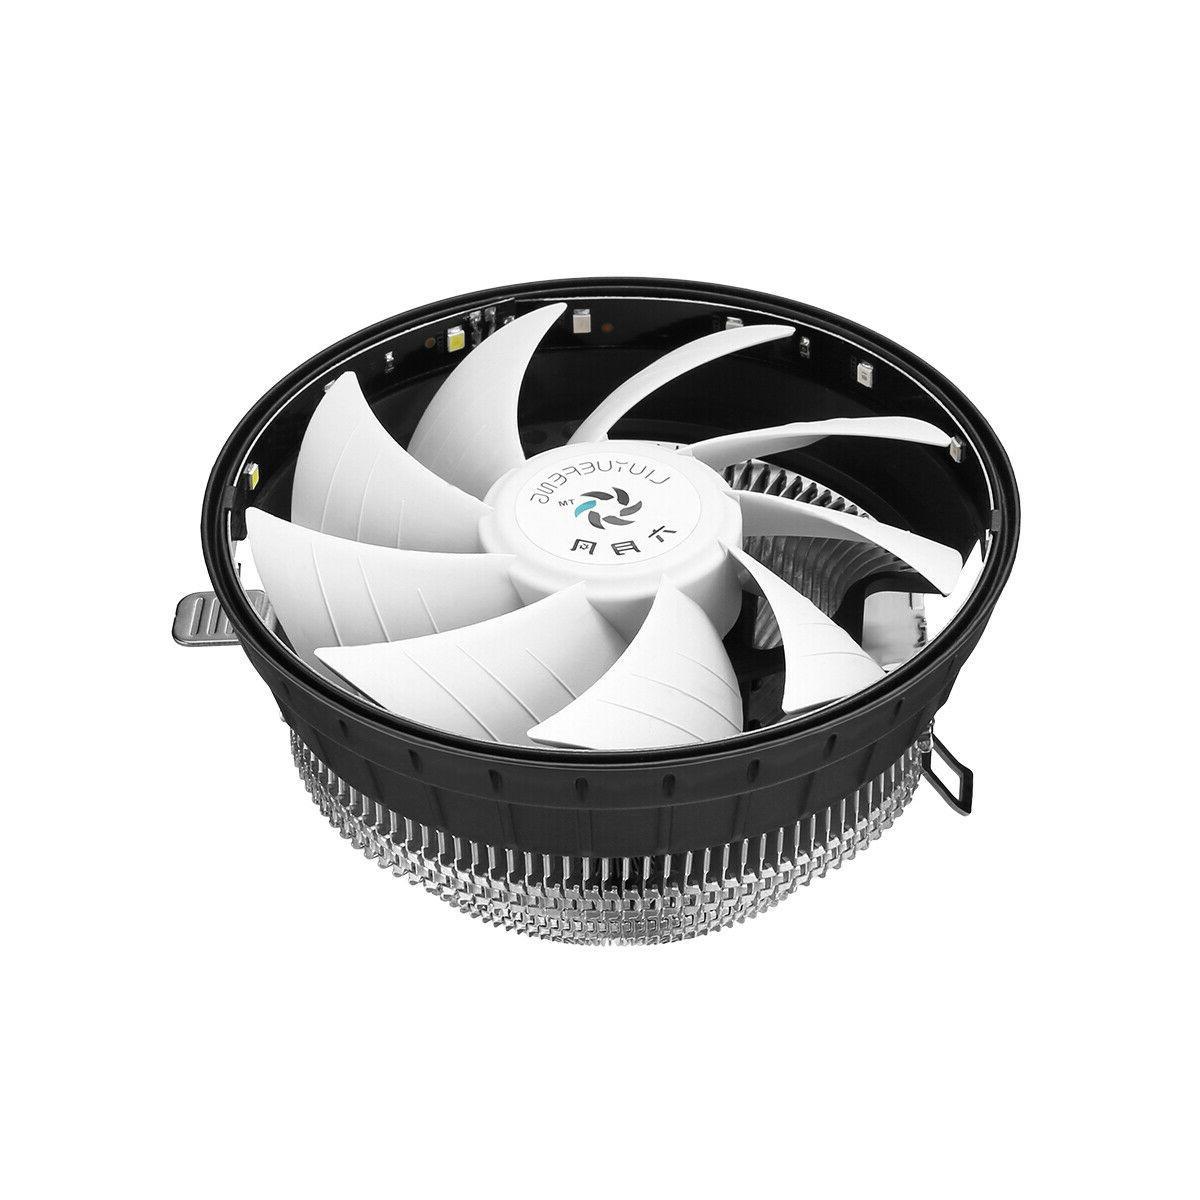 RGB LED CPU Fan Heatsink For Intel 1156/1155/1151/1150 AMD AM2+